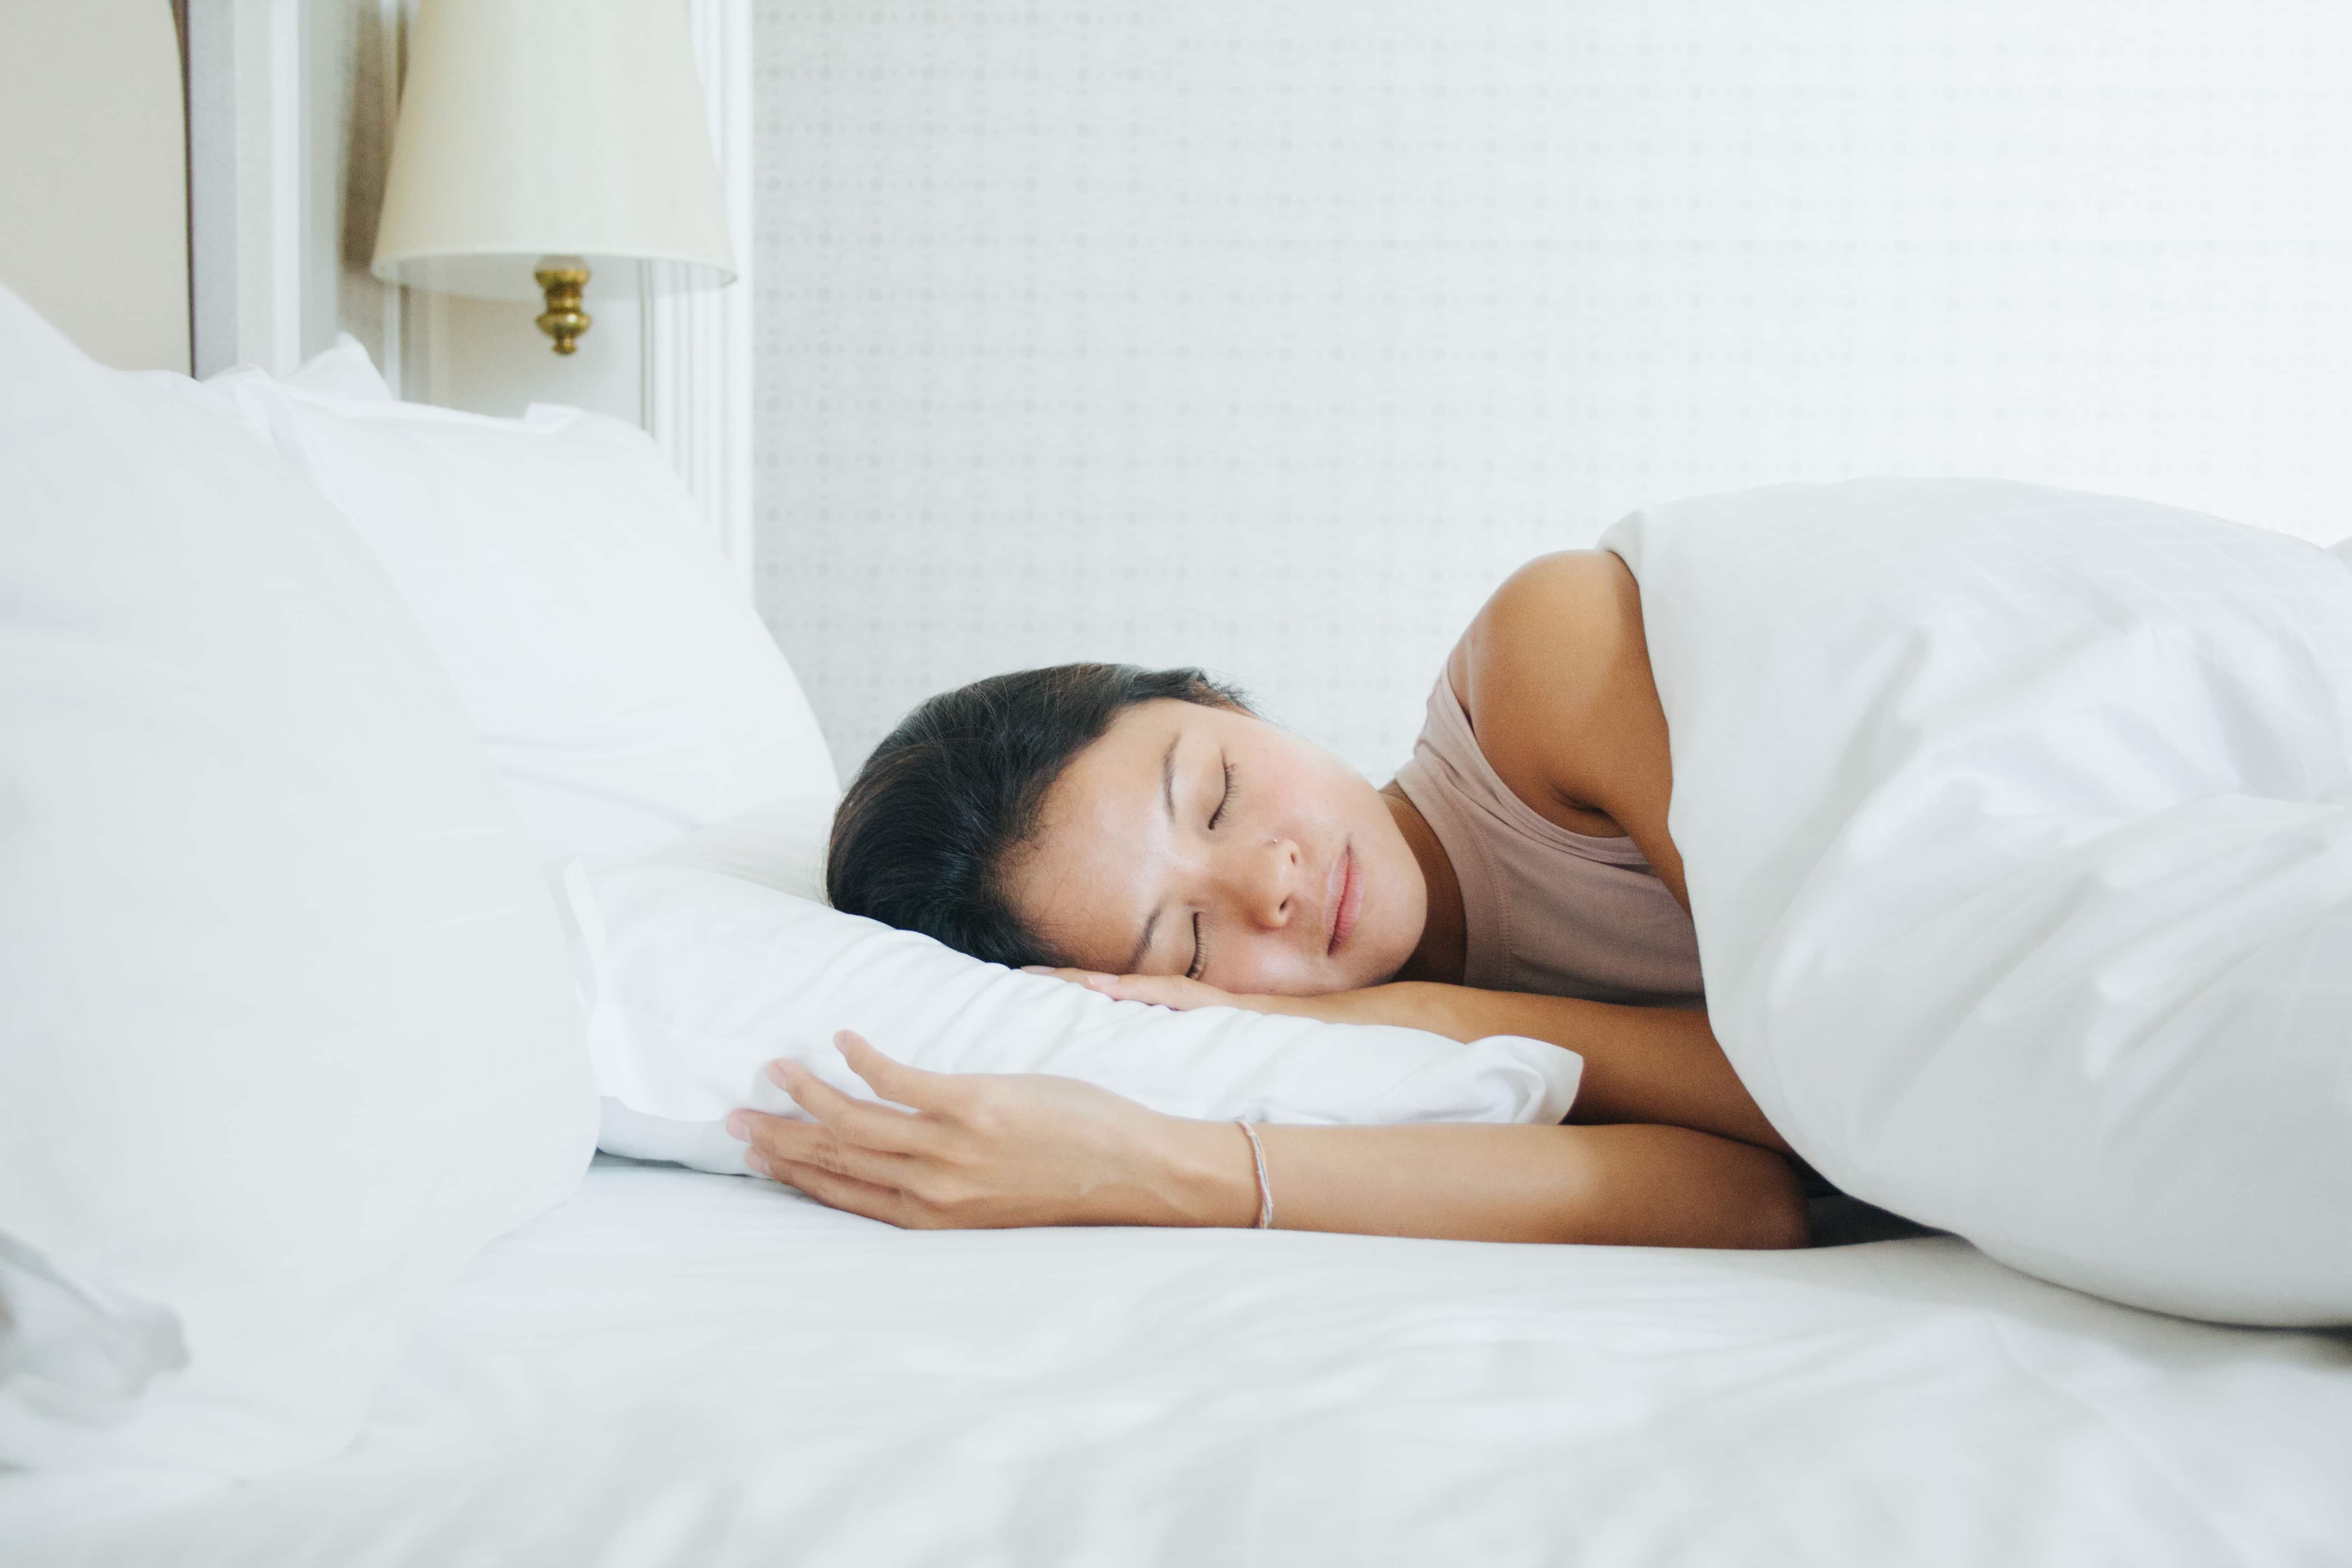 A lady sleeping